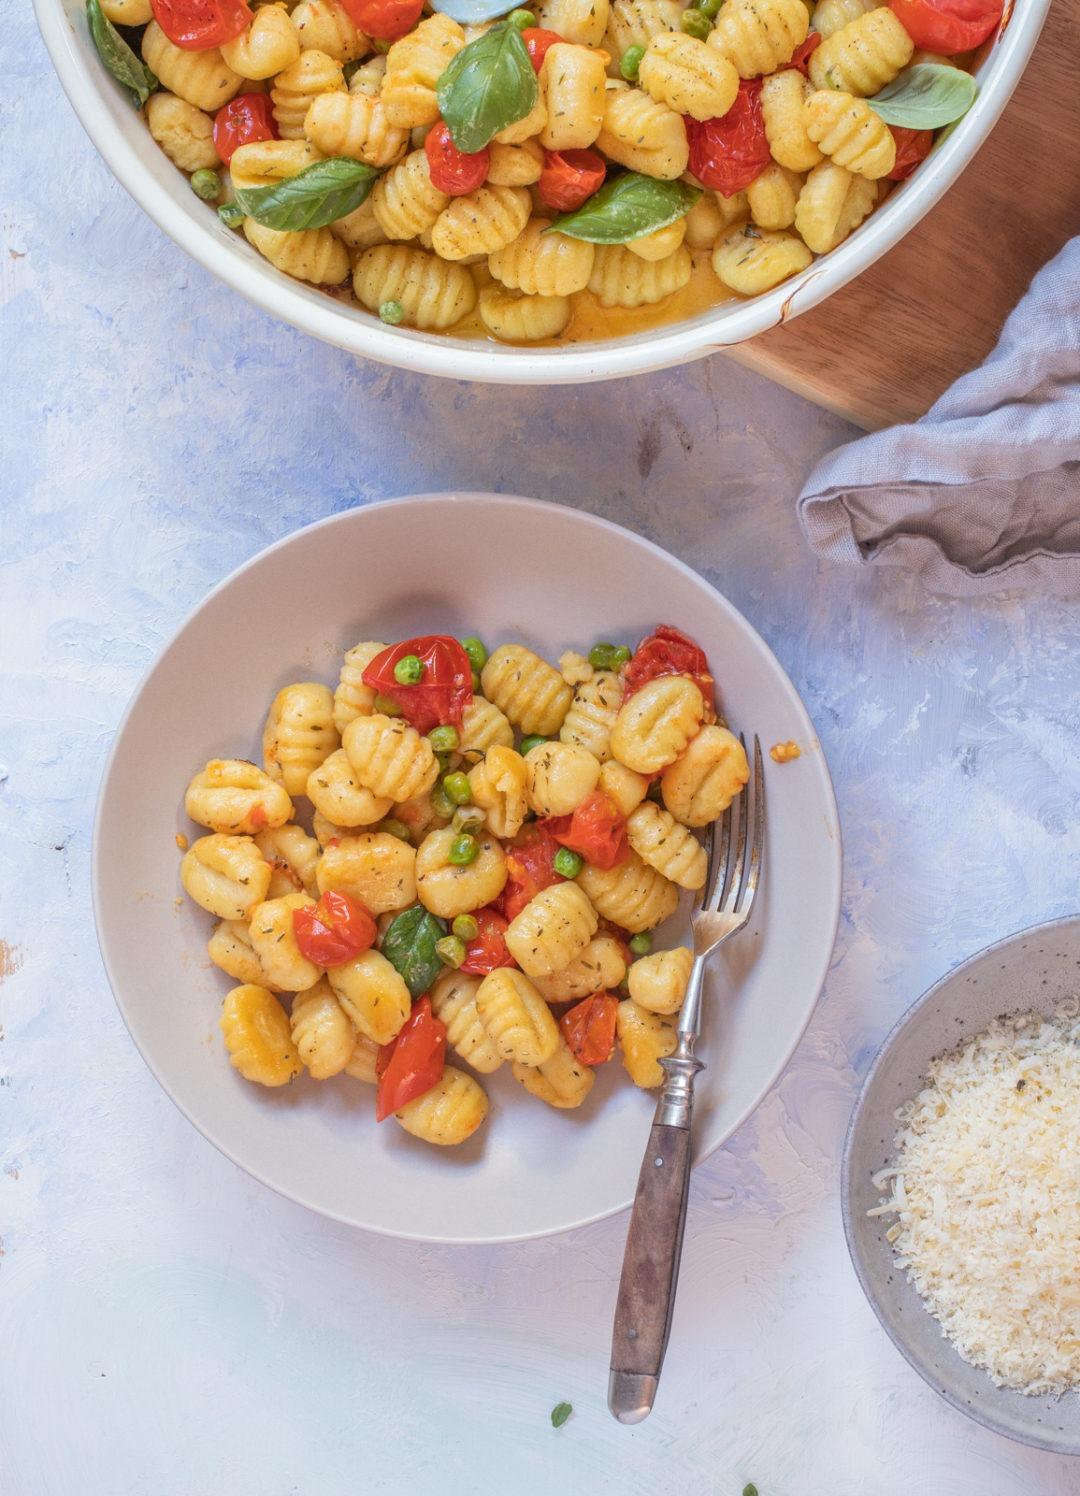 Rezept für Pasta mit Gnocchi und Tomaten. Schnelles Nudelrezept Gnochi aus dem Ofen. Vegetarisches Gnocchi Rezept.